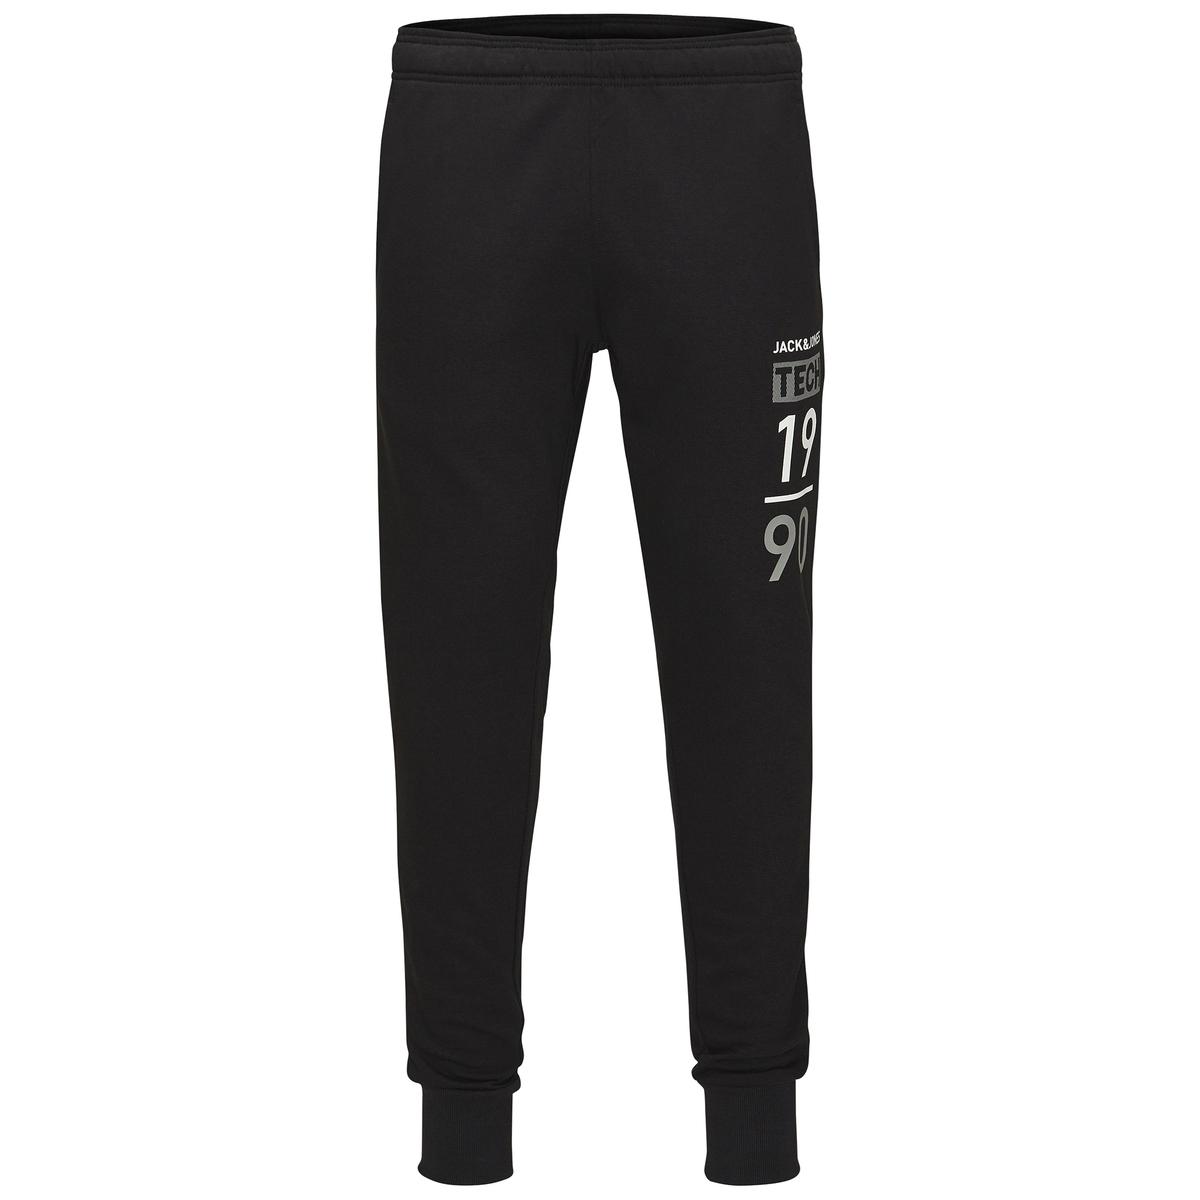 Брюки спортивные из мольтонаСпортивные брюки из мольтона JACK &amp; JONES TECH. Узкий покрой, низ на резинке. Эластичный пояс с завязками. Боковые карманы и принт сбоку. Состав и описаниеМатериал:  60% полиэстера, 40% хлопка.Марка:    JACK &amp; JONES TECH.<br><br>Цвет: серый меланж,черный